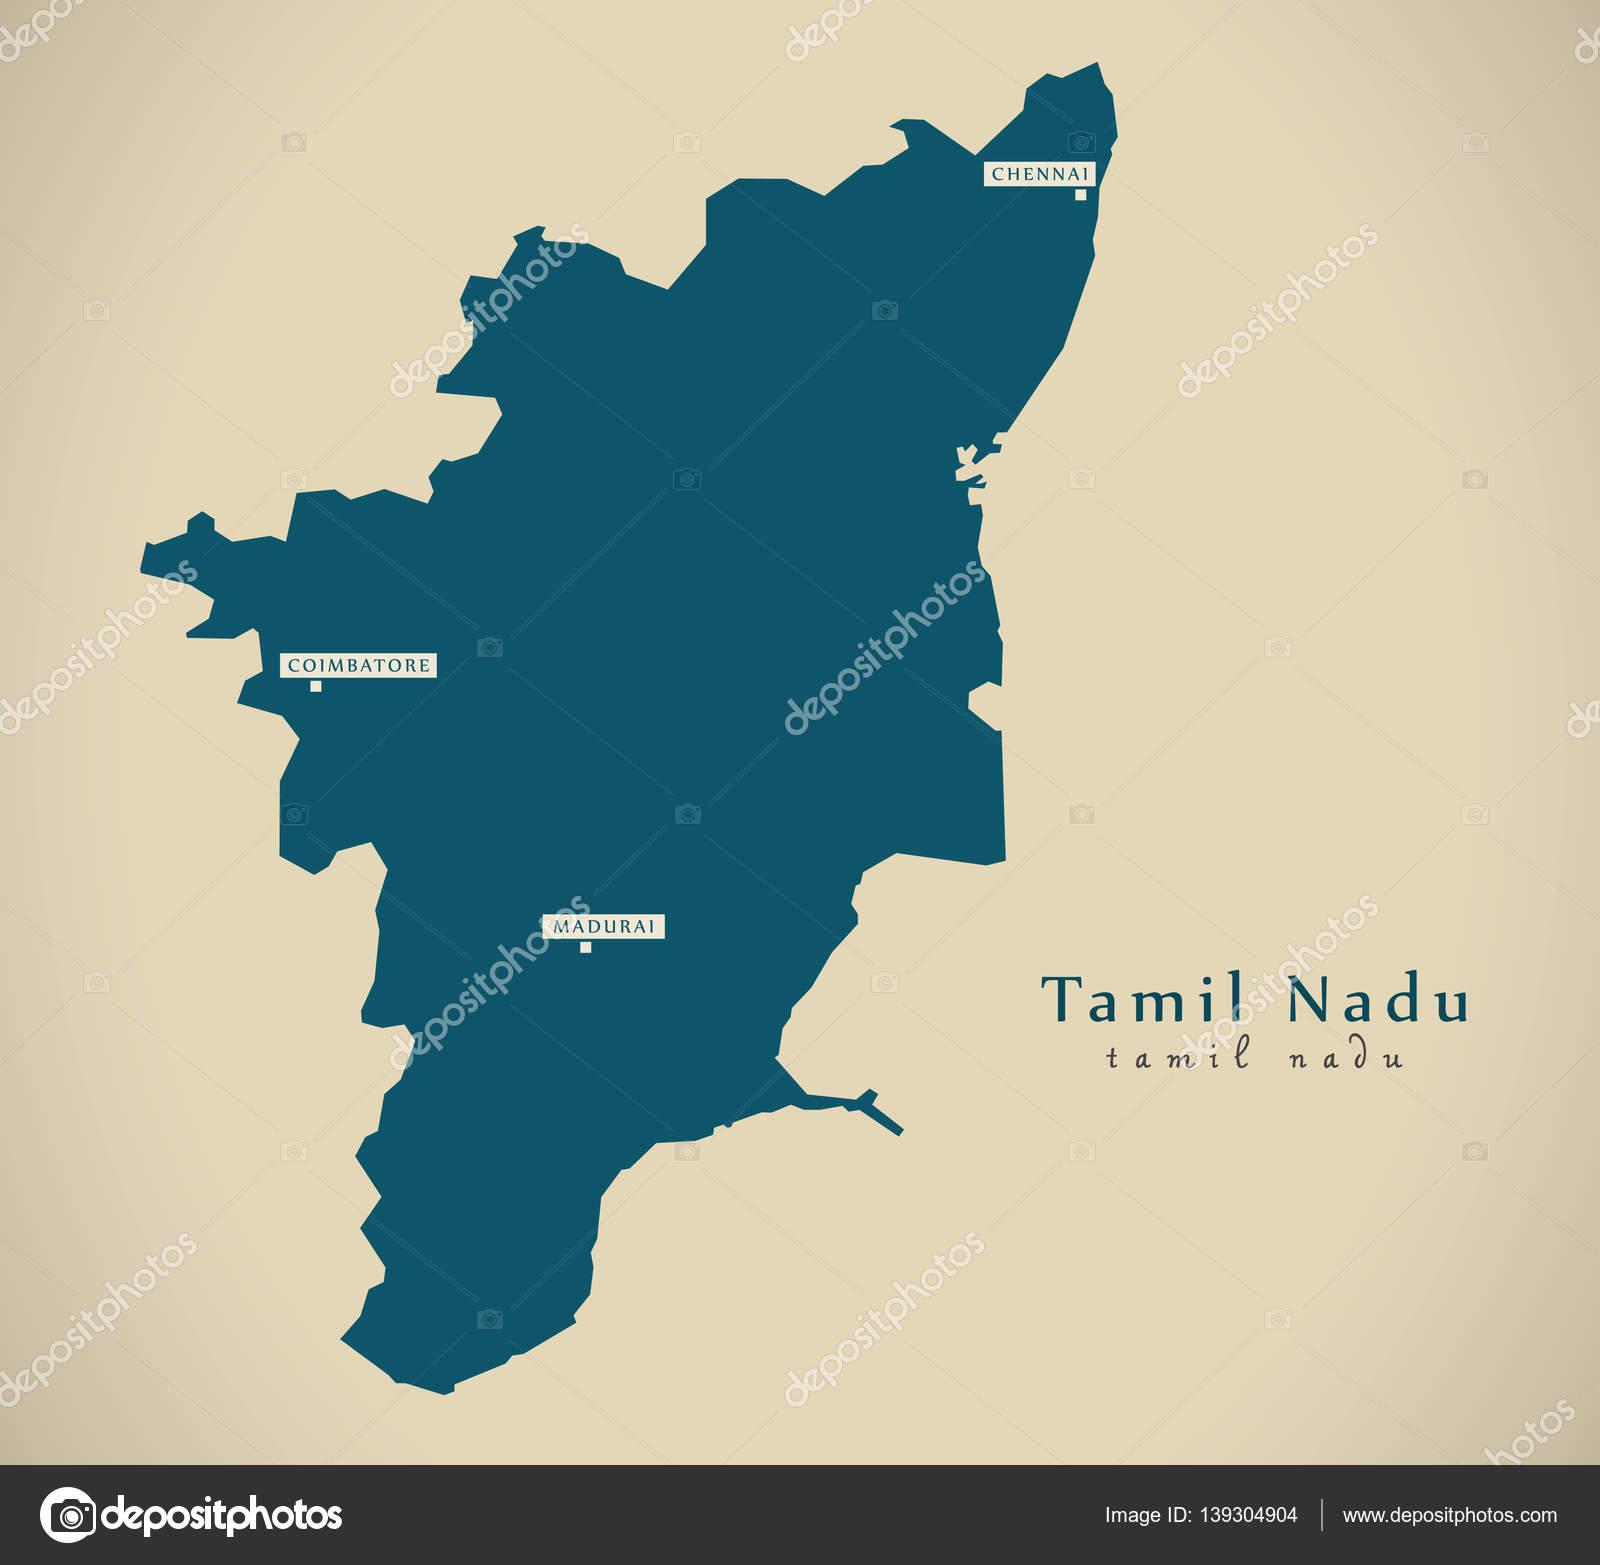 Mapa moderno ilustracin del estado federal de tamil nadu en la mapa moderno ilustracin del estado federal de tamil nadu en la india fotos de gumiabroncs Images